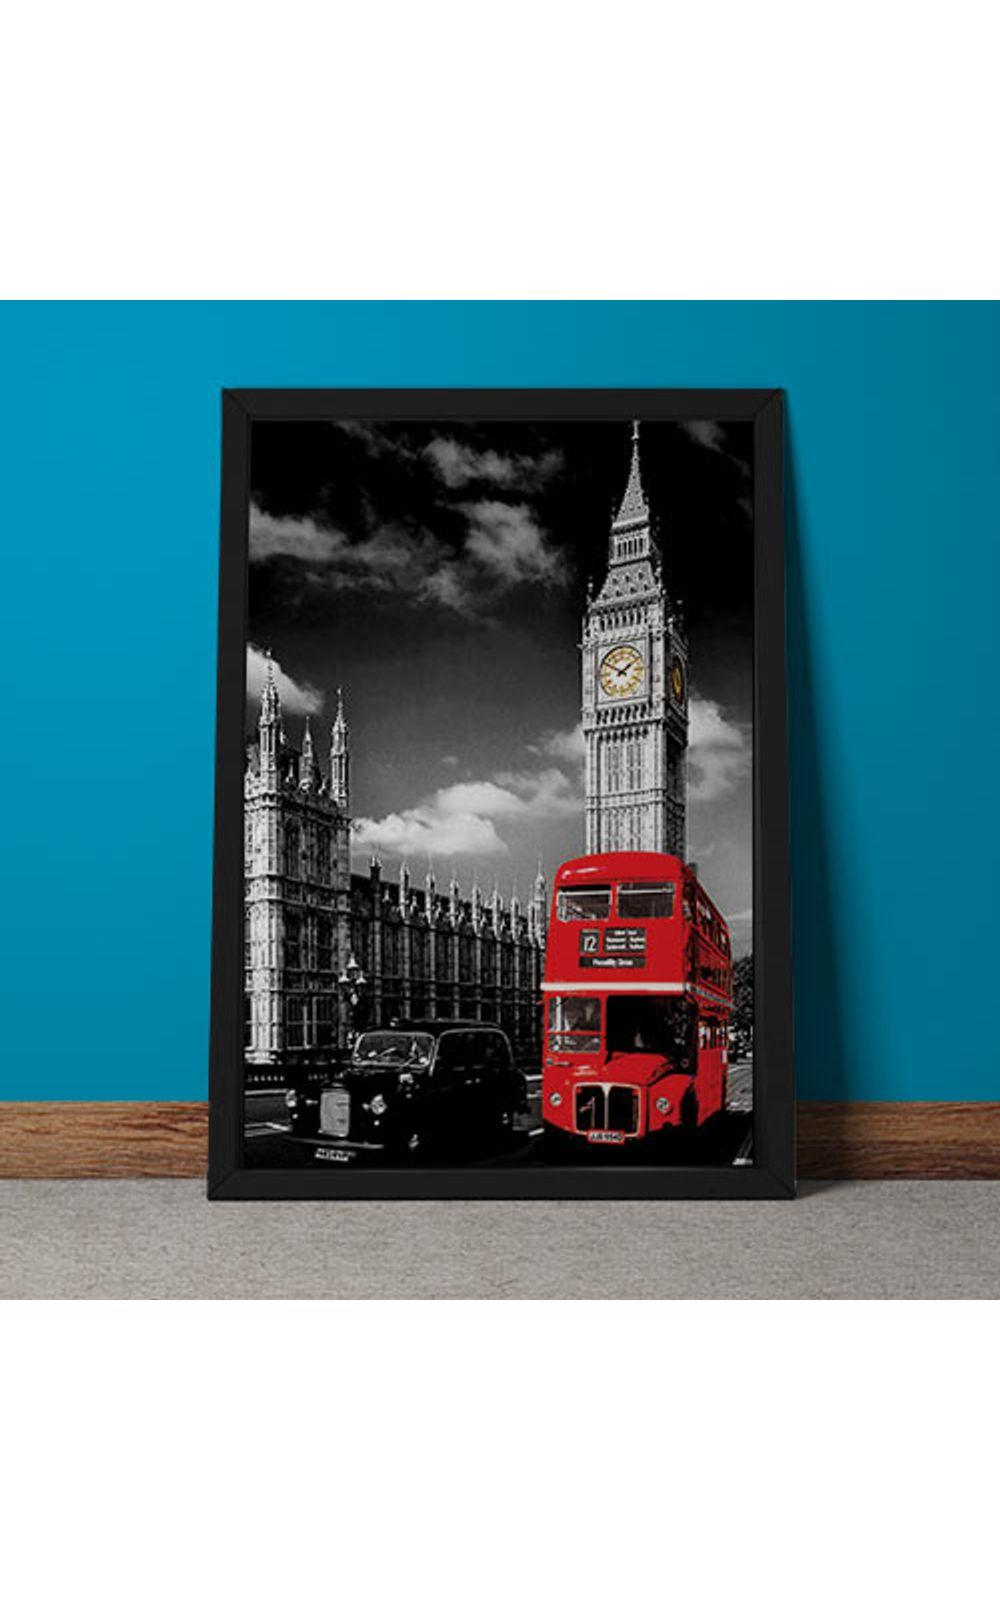 Foto 3 - Quadro Decorativo Onibus Ingles E Big Ben